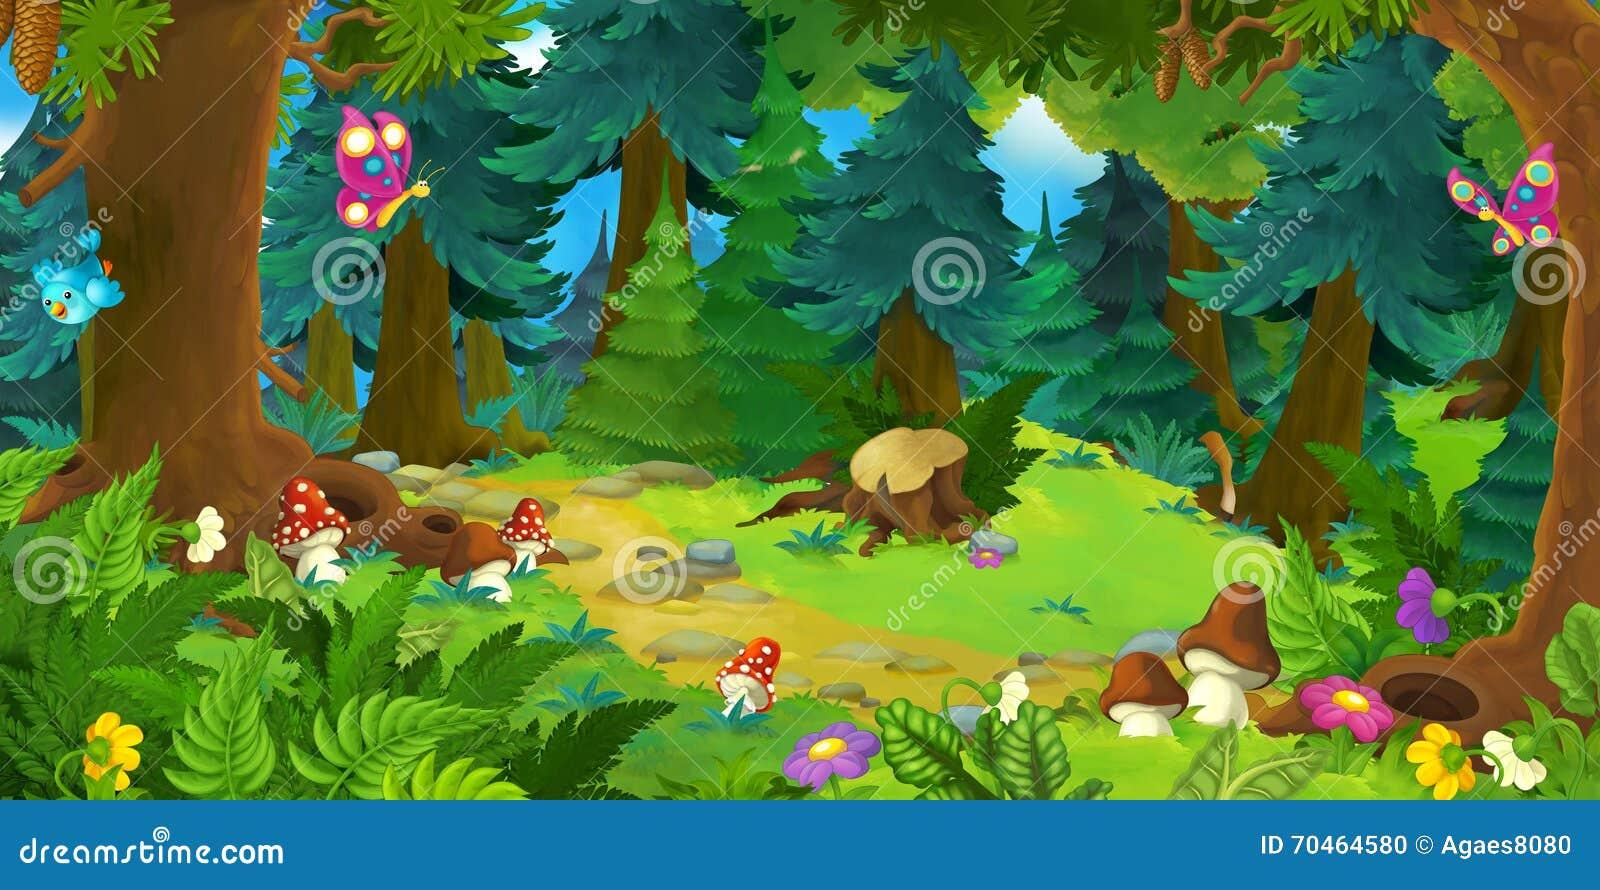 Fondos para cuentos de ninos